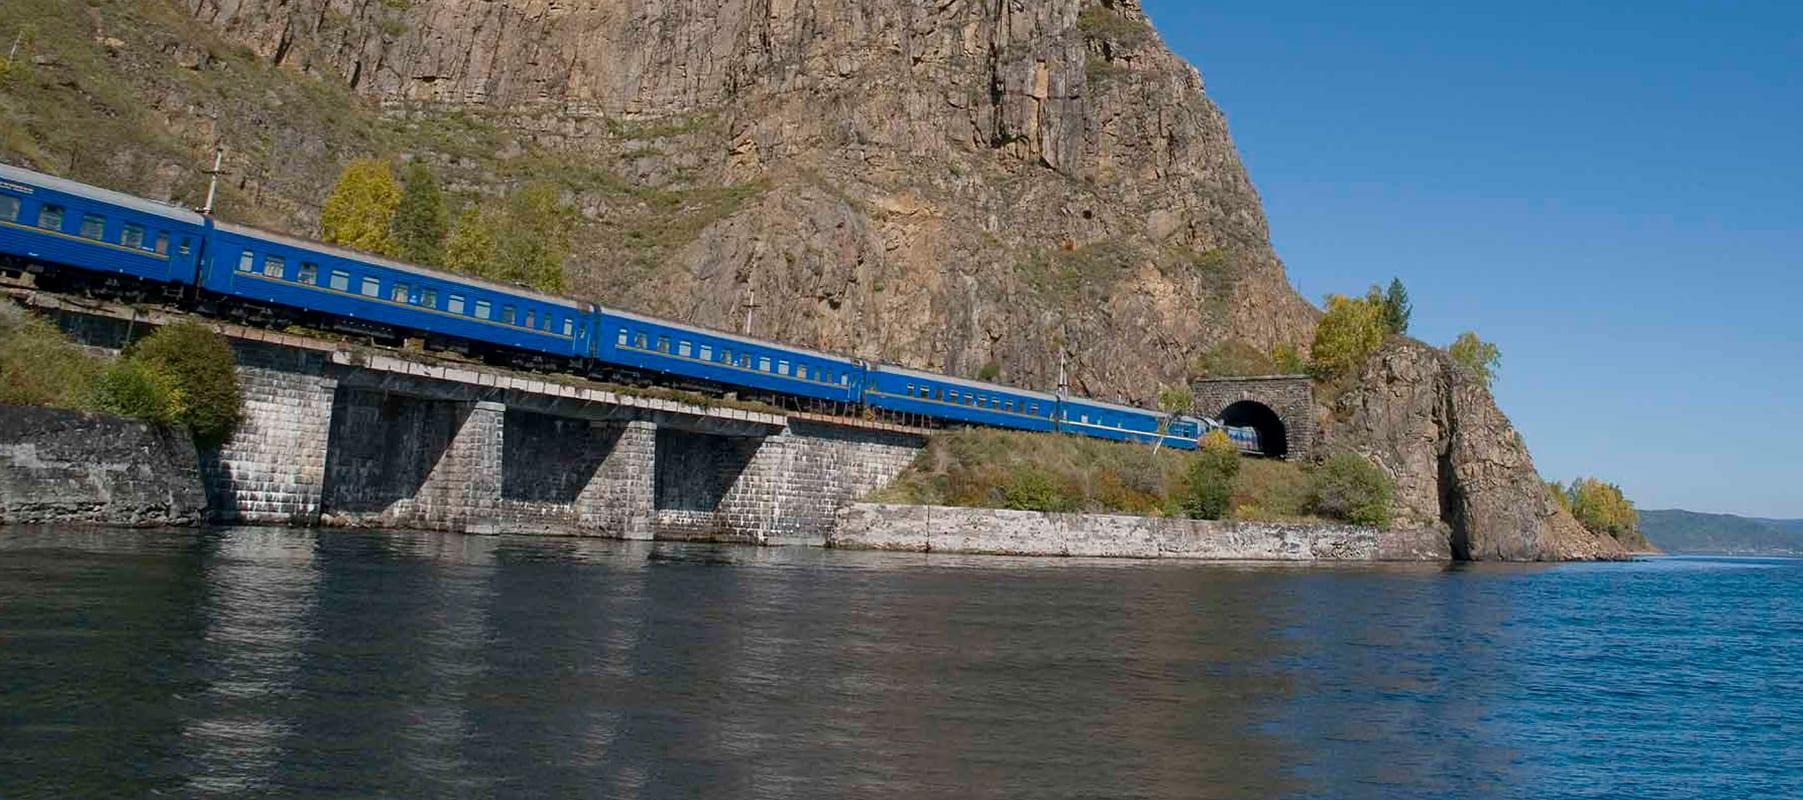 Golden Eagle Trans-Siberian Express de Moscou a Vladivostok